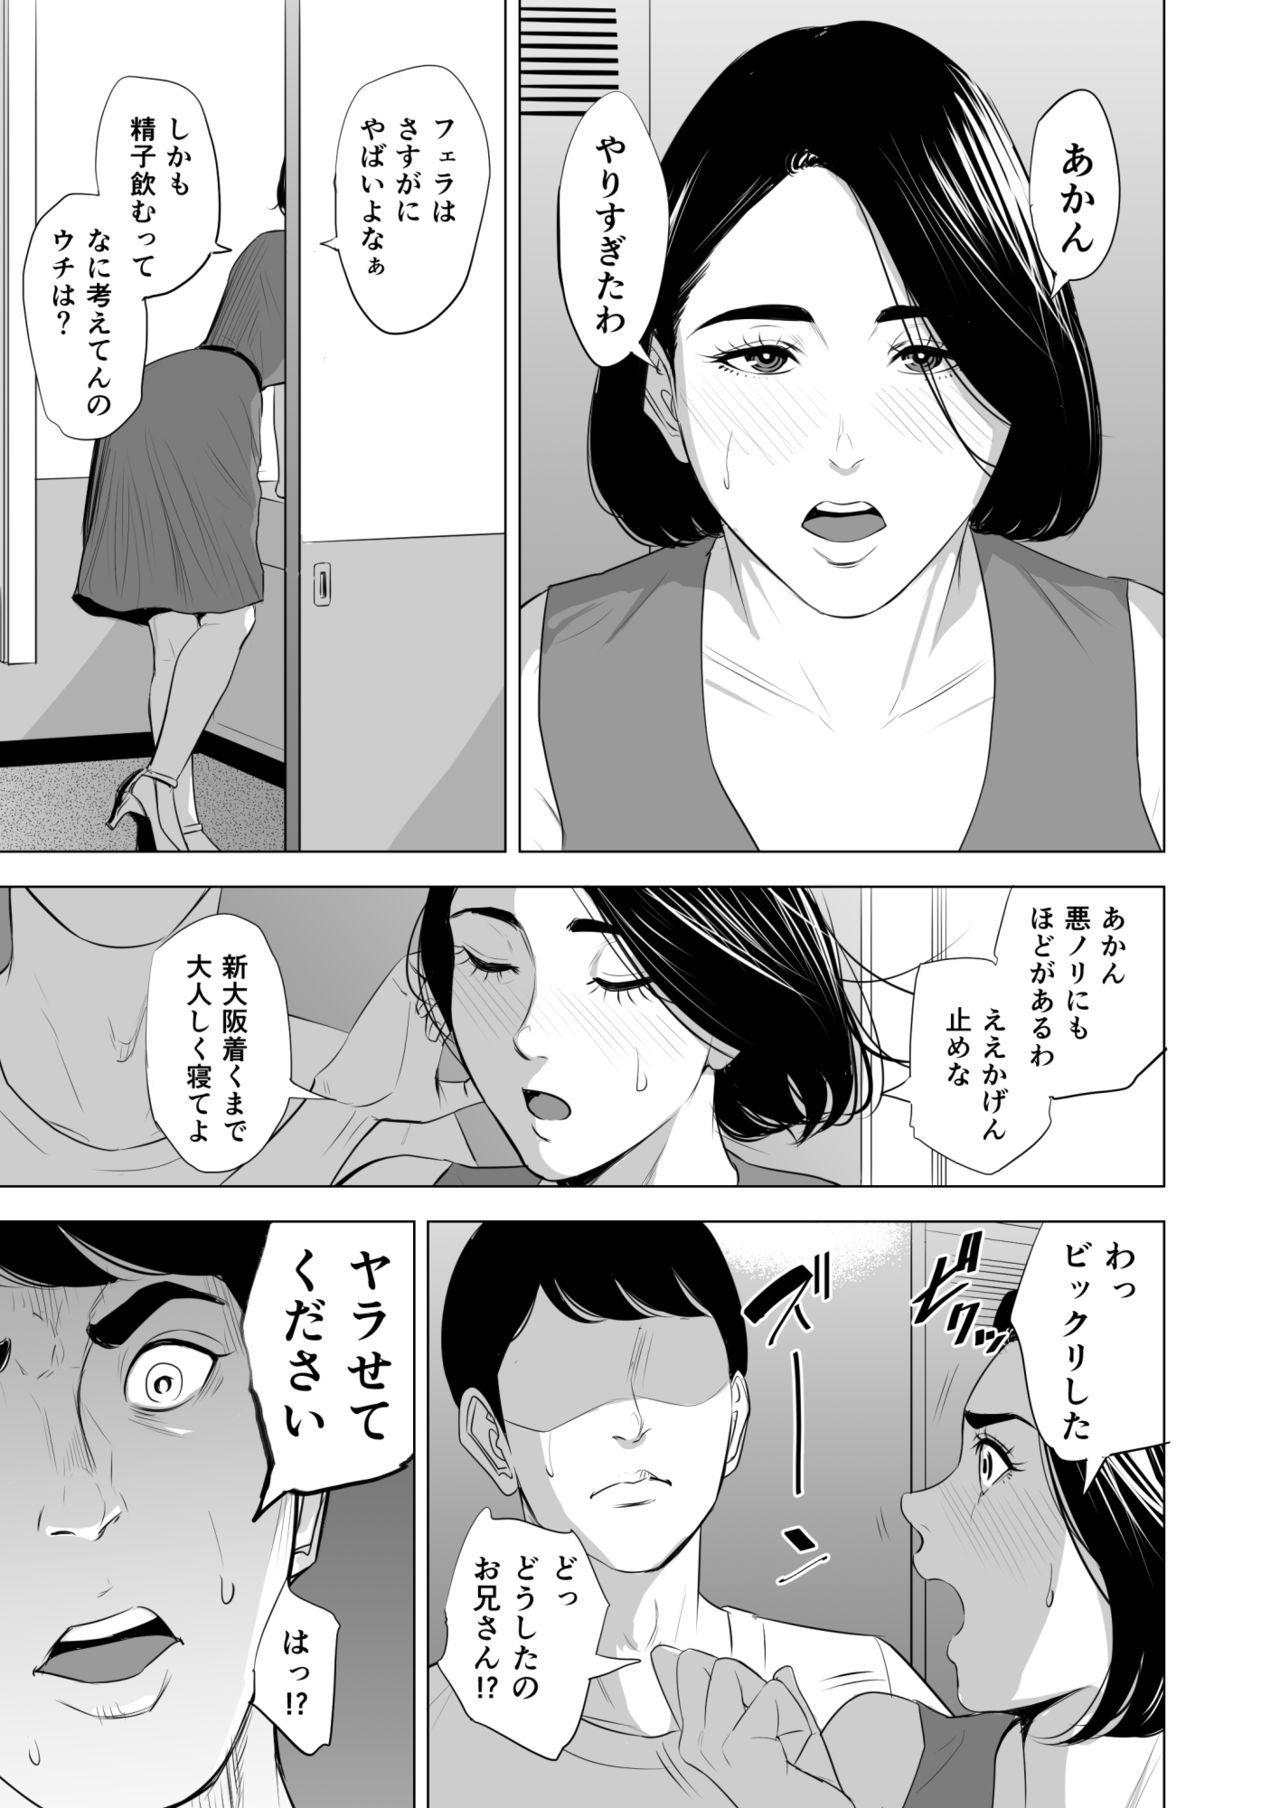 Shinkansen de Nani shiteru!? 38